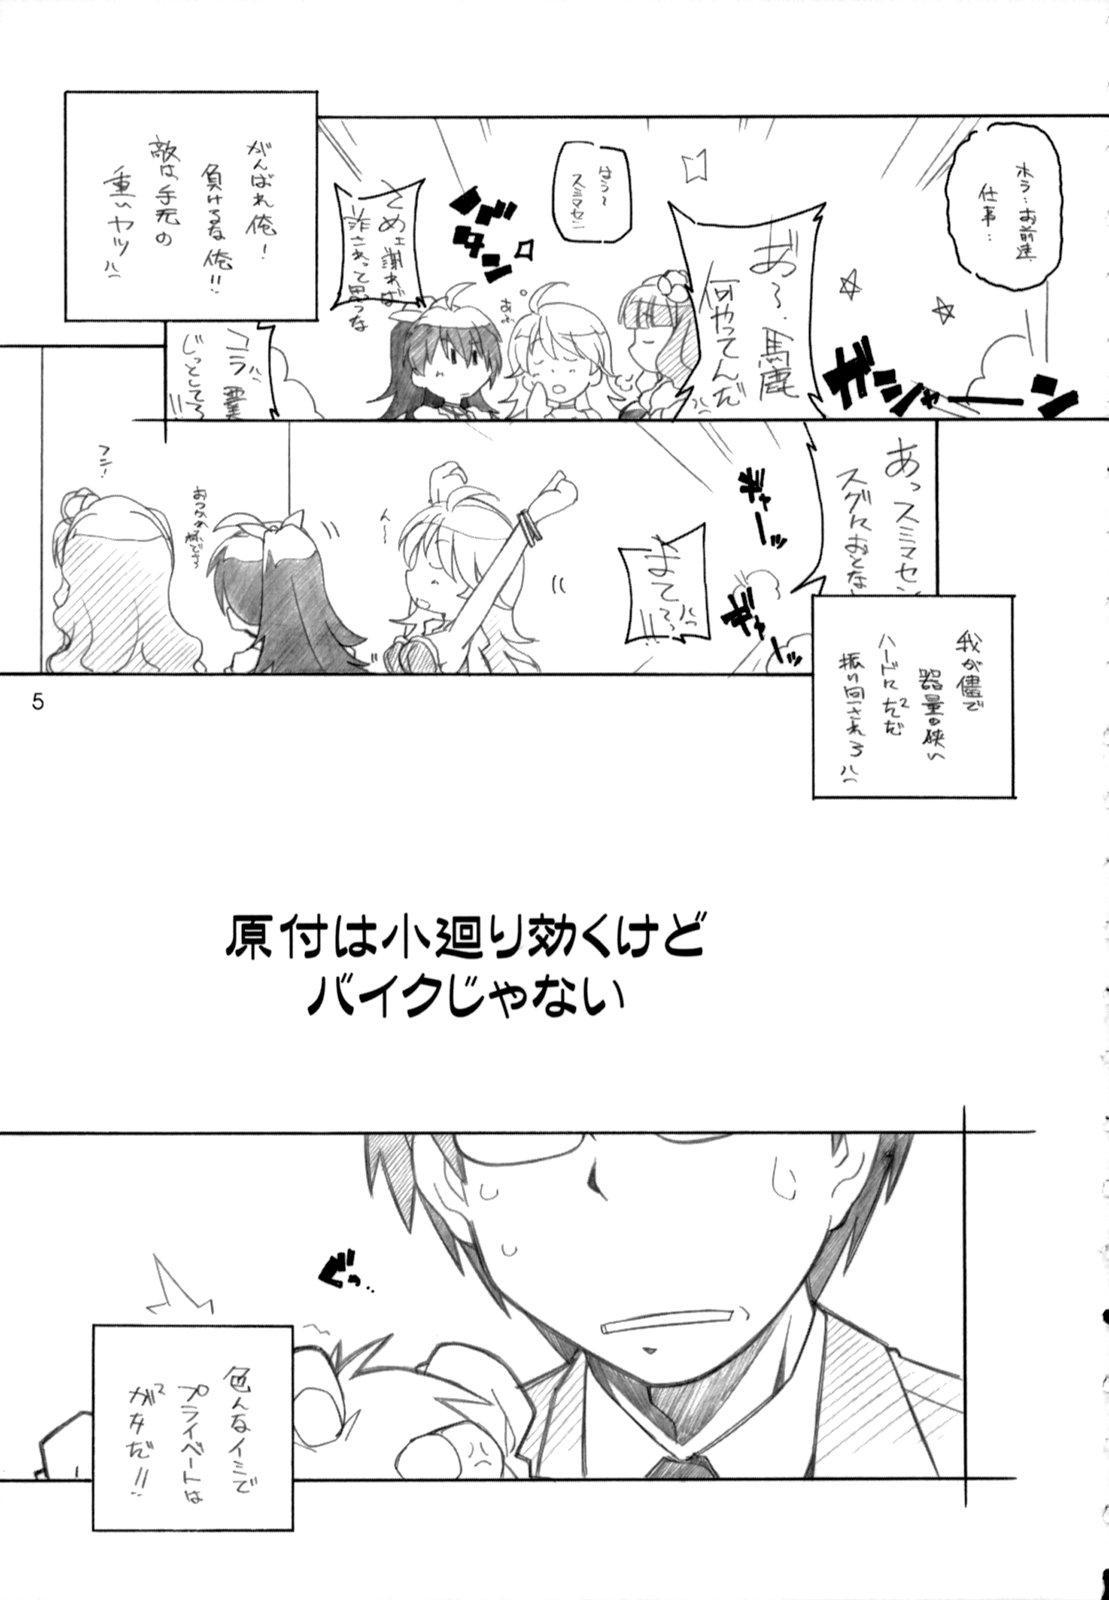 Gentsuki wa Bike janai 4